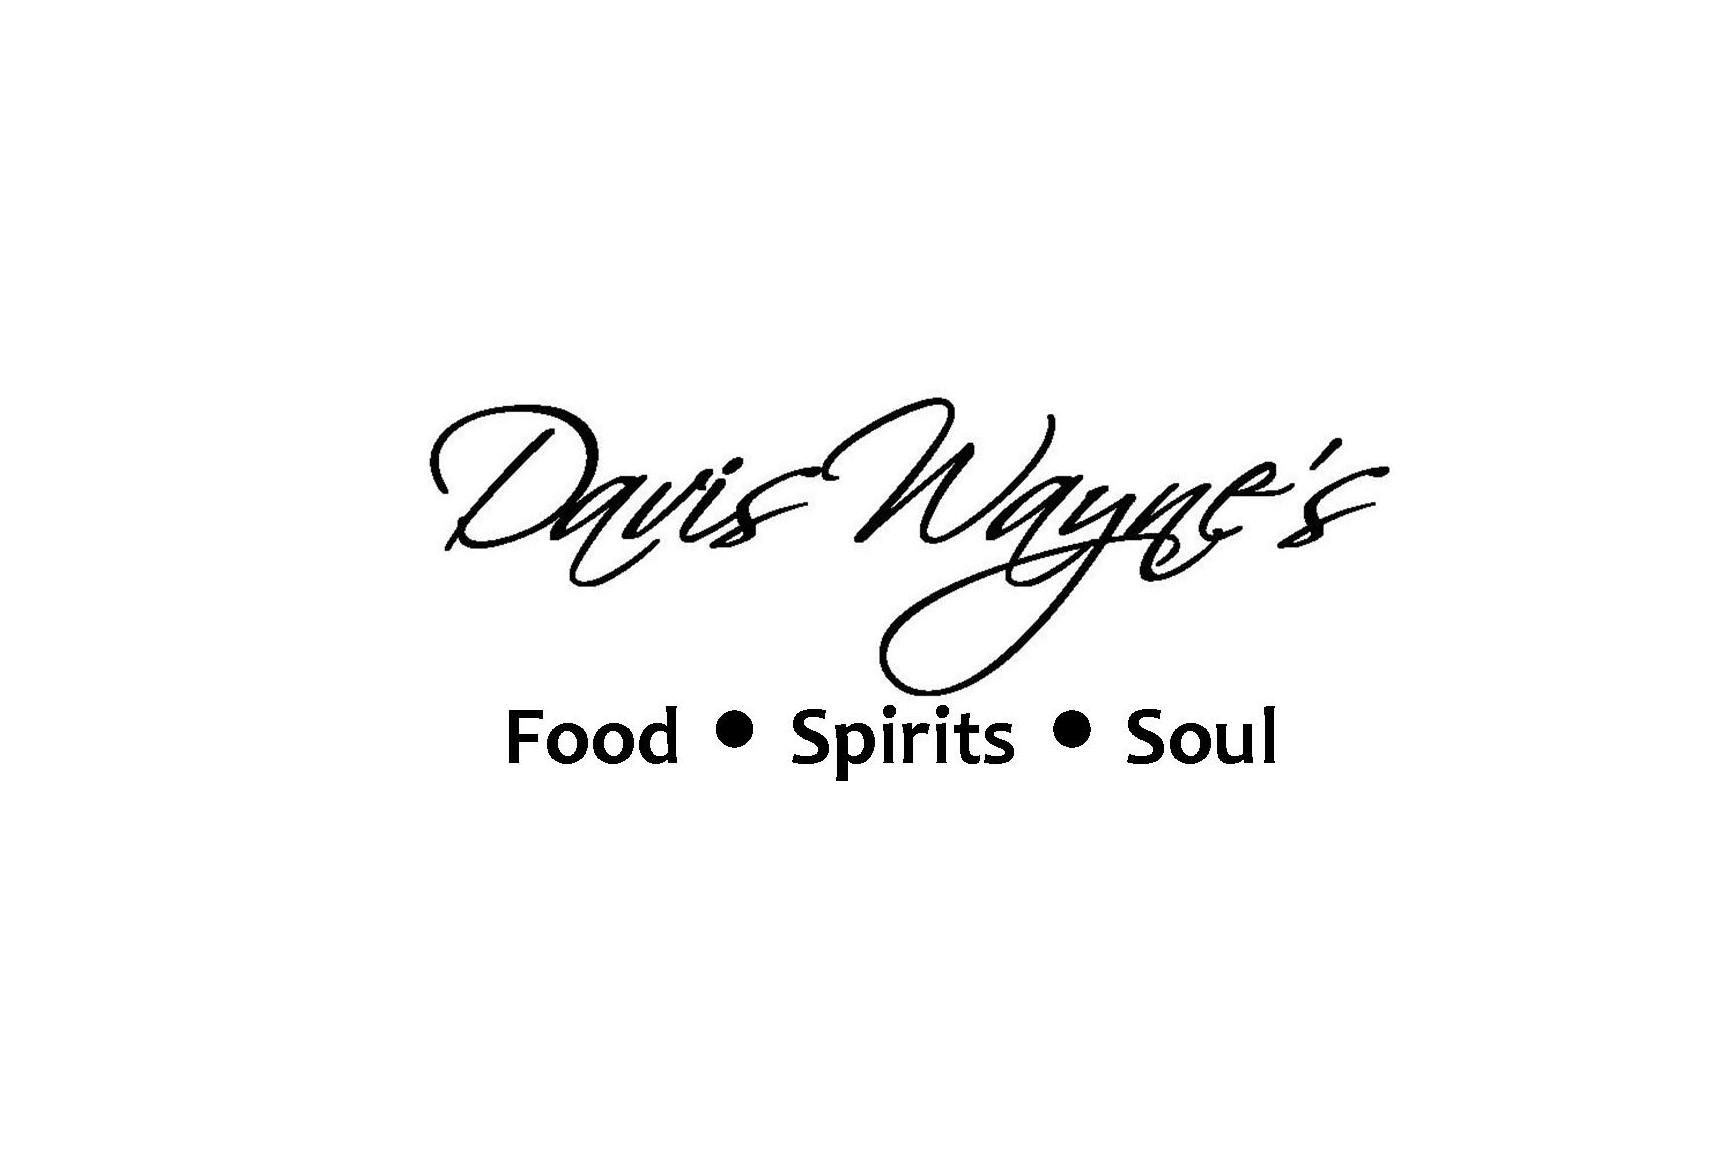 Davis Wayne's Logo.jpg